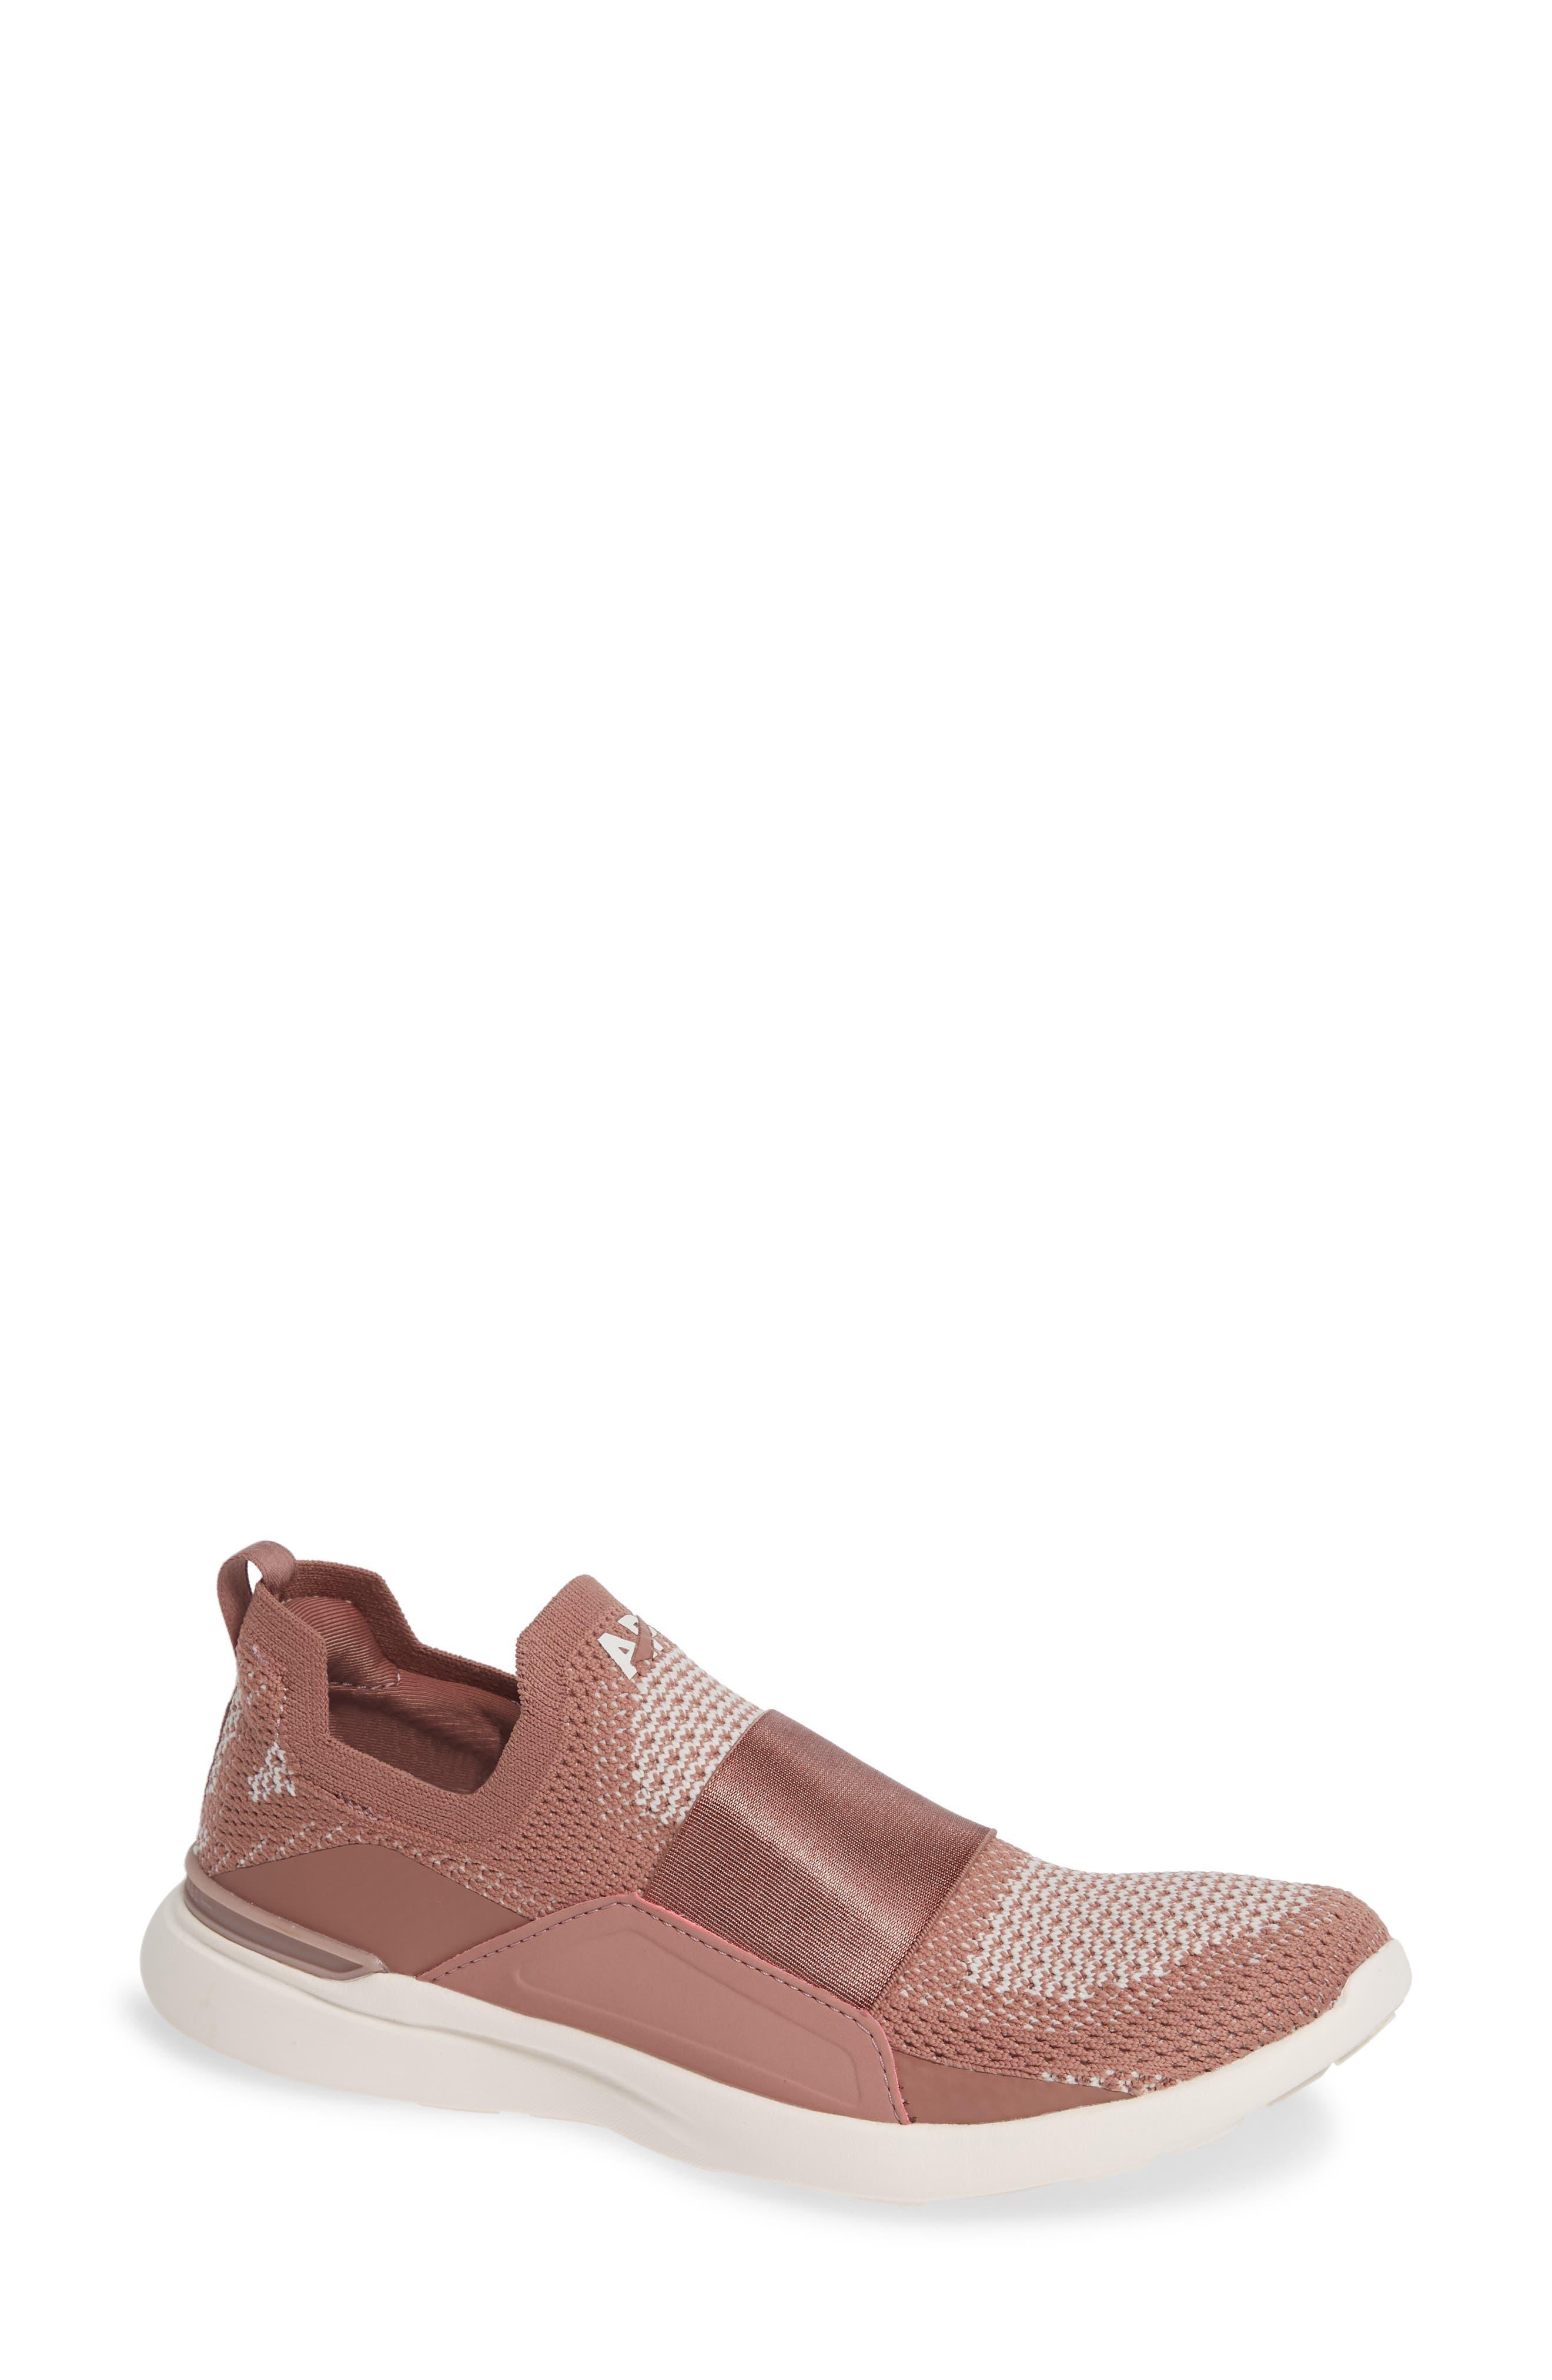 APL | TechLoom Bliss Knit Running Shoe